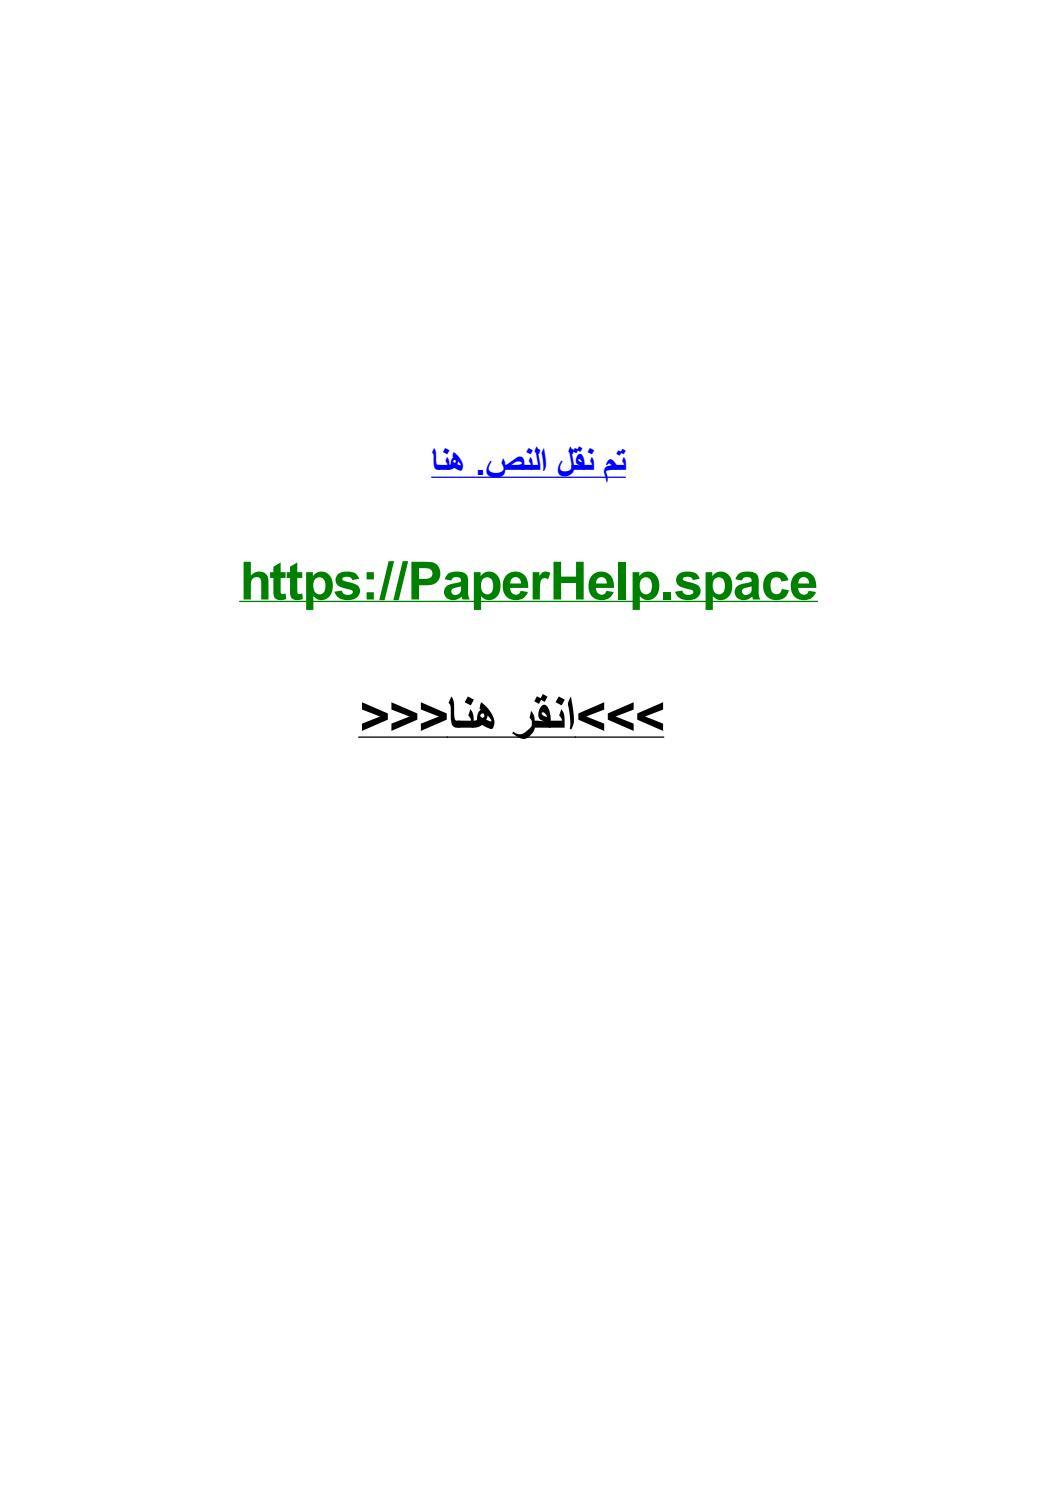 نماذج خطابات توصية باللغة العربية By Christaegbig Issuu